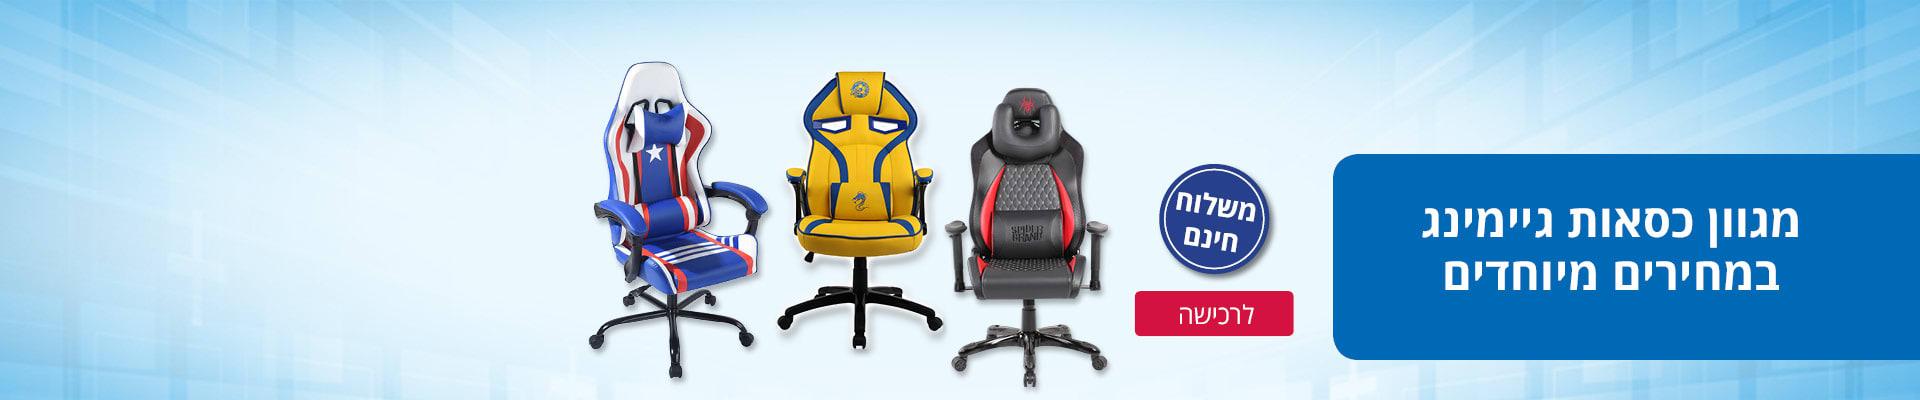 מגוון כסאות גיימינג במחירים מיוחדים. משלוח חינם